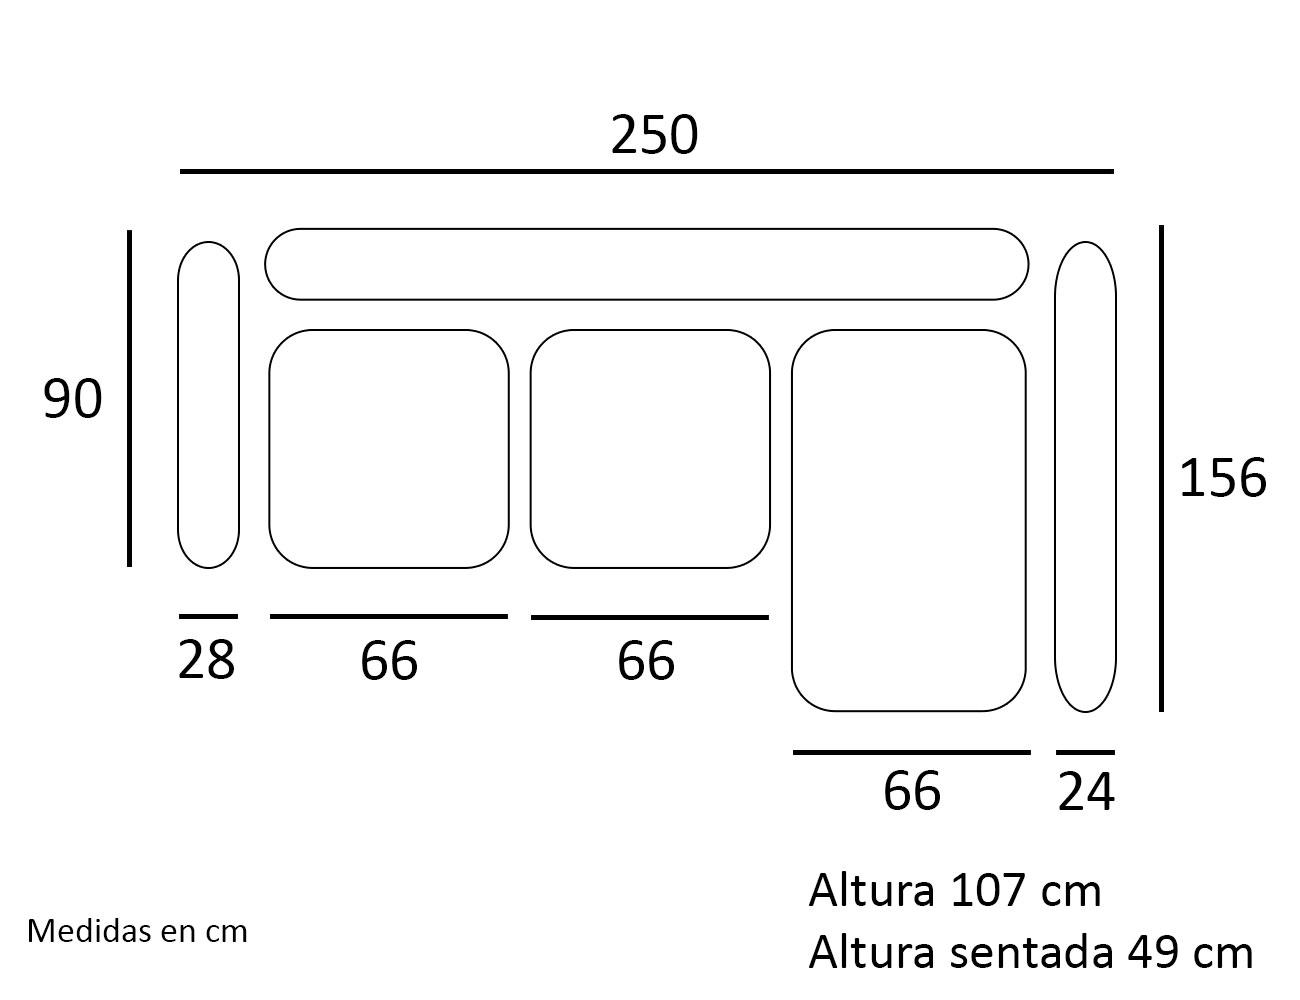 Croquis chaiselongue sofa derecho 250